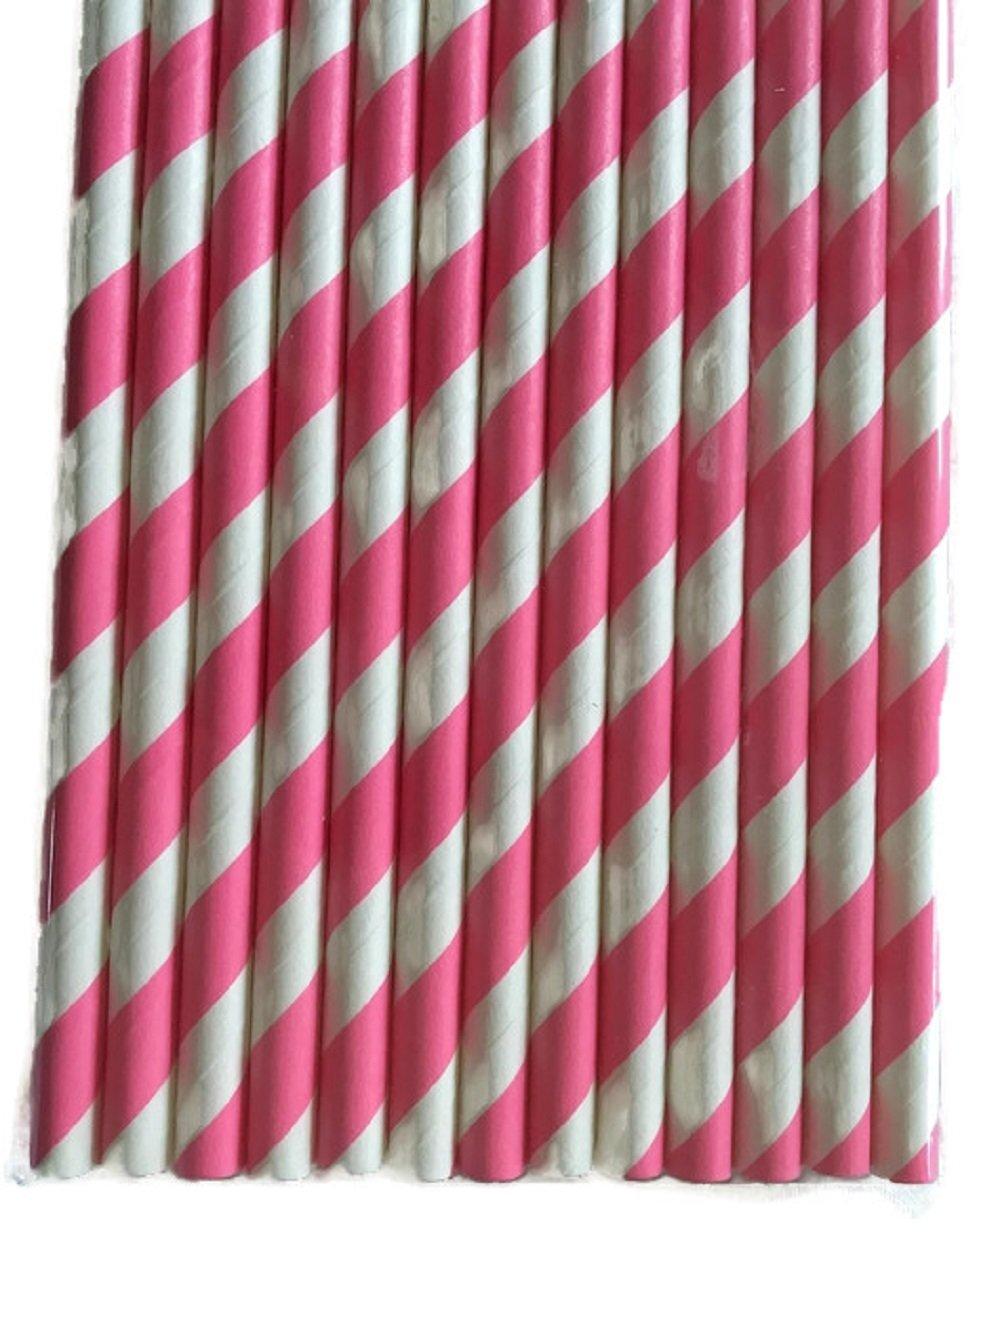 Bubblegum rosa/blanco de rayas juego de 100 Count Tamaño 7 3/4 (diseño de rayas papel pajita de incienso palos para Cake Pop moldes para Cake pops piruletas ...